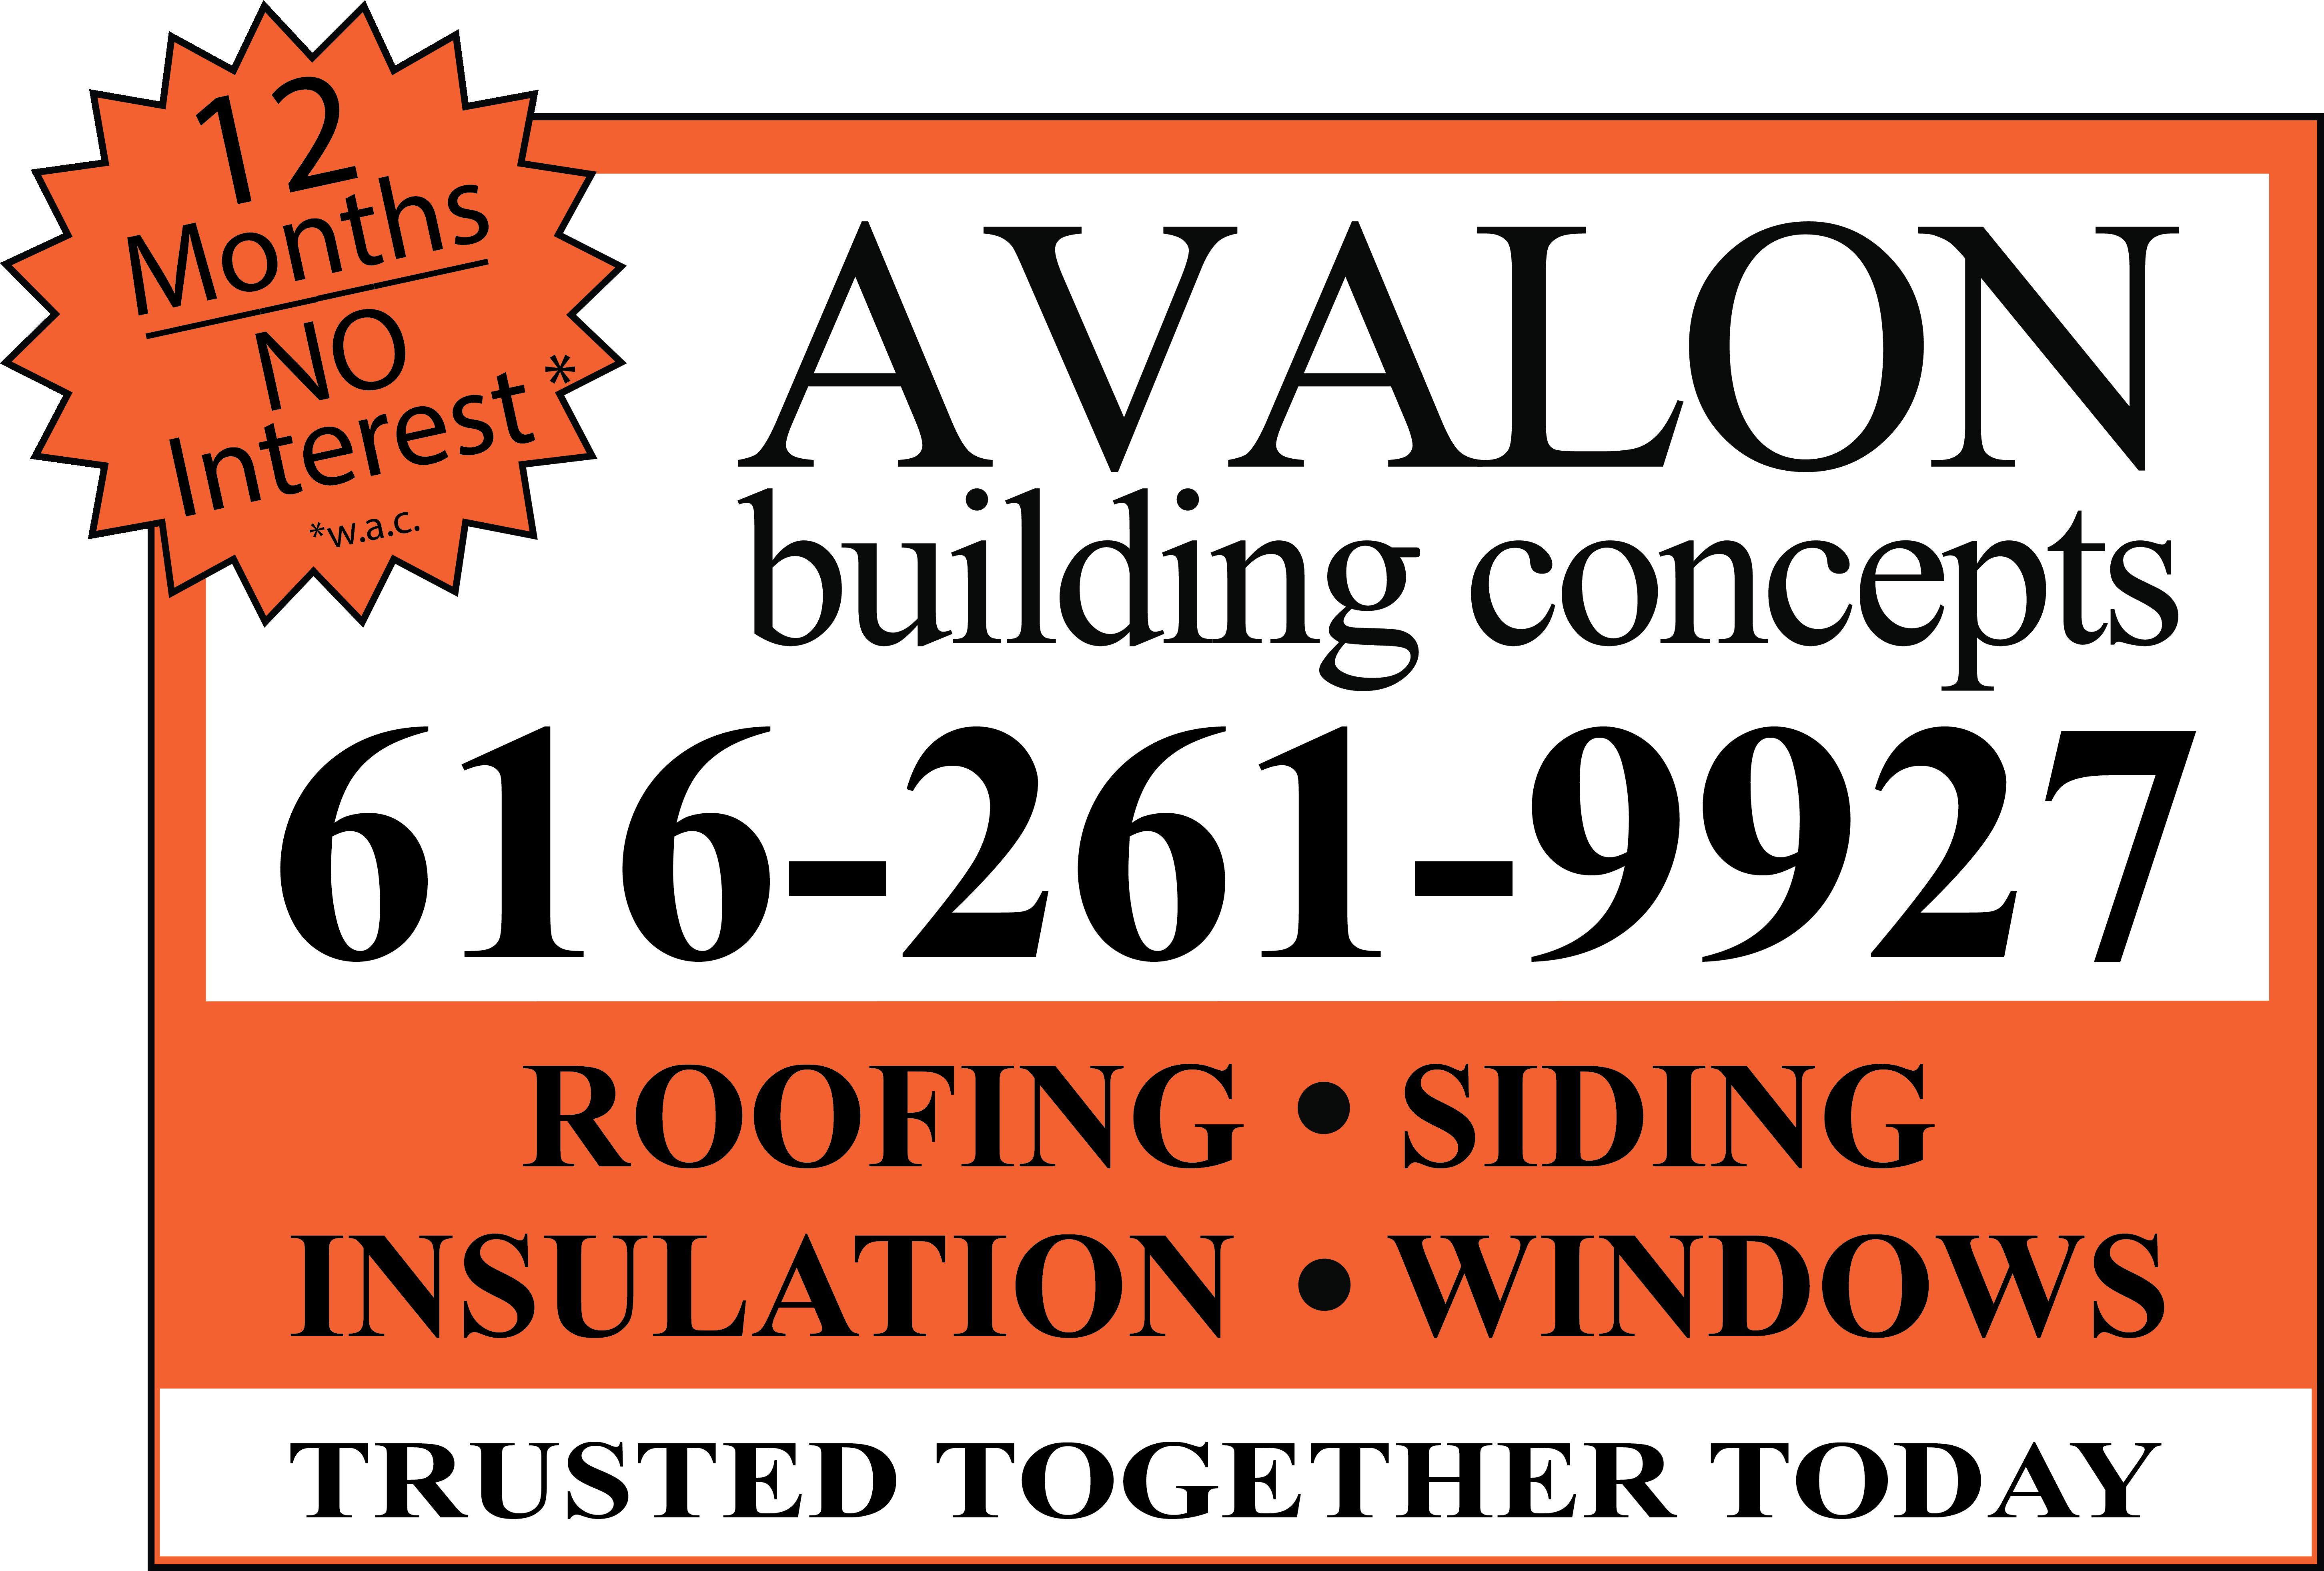 Avalon Building Concepts Reviews Grand Rapids Mi